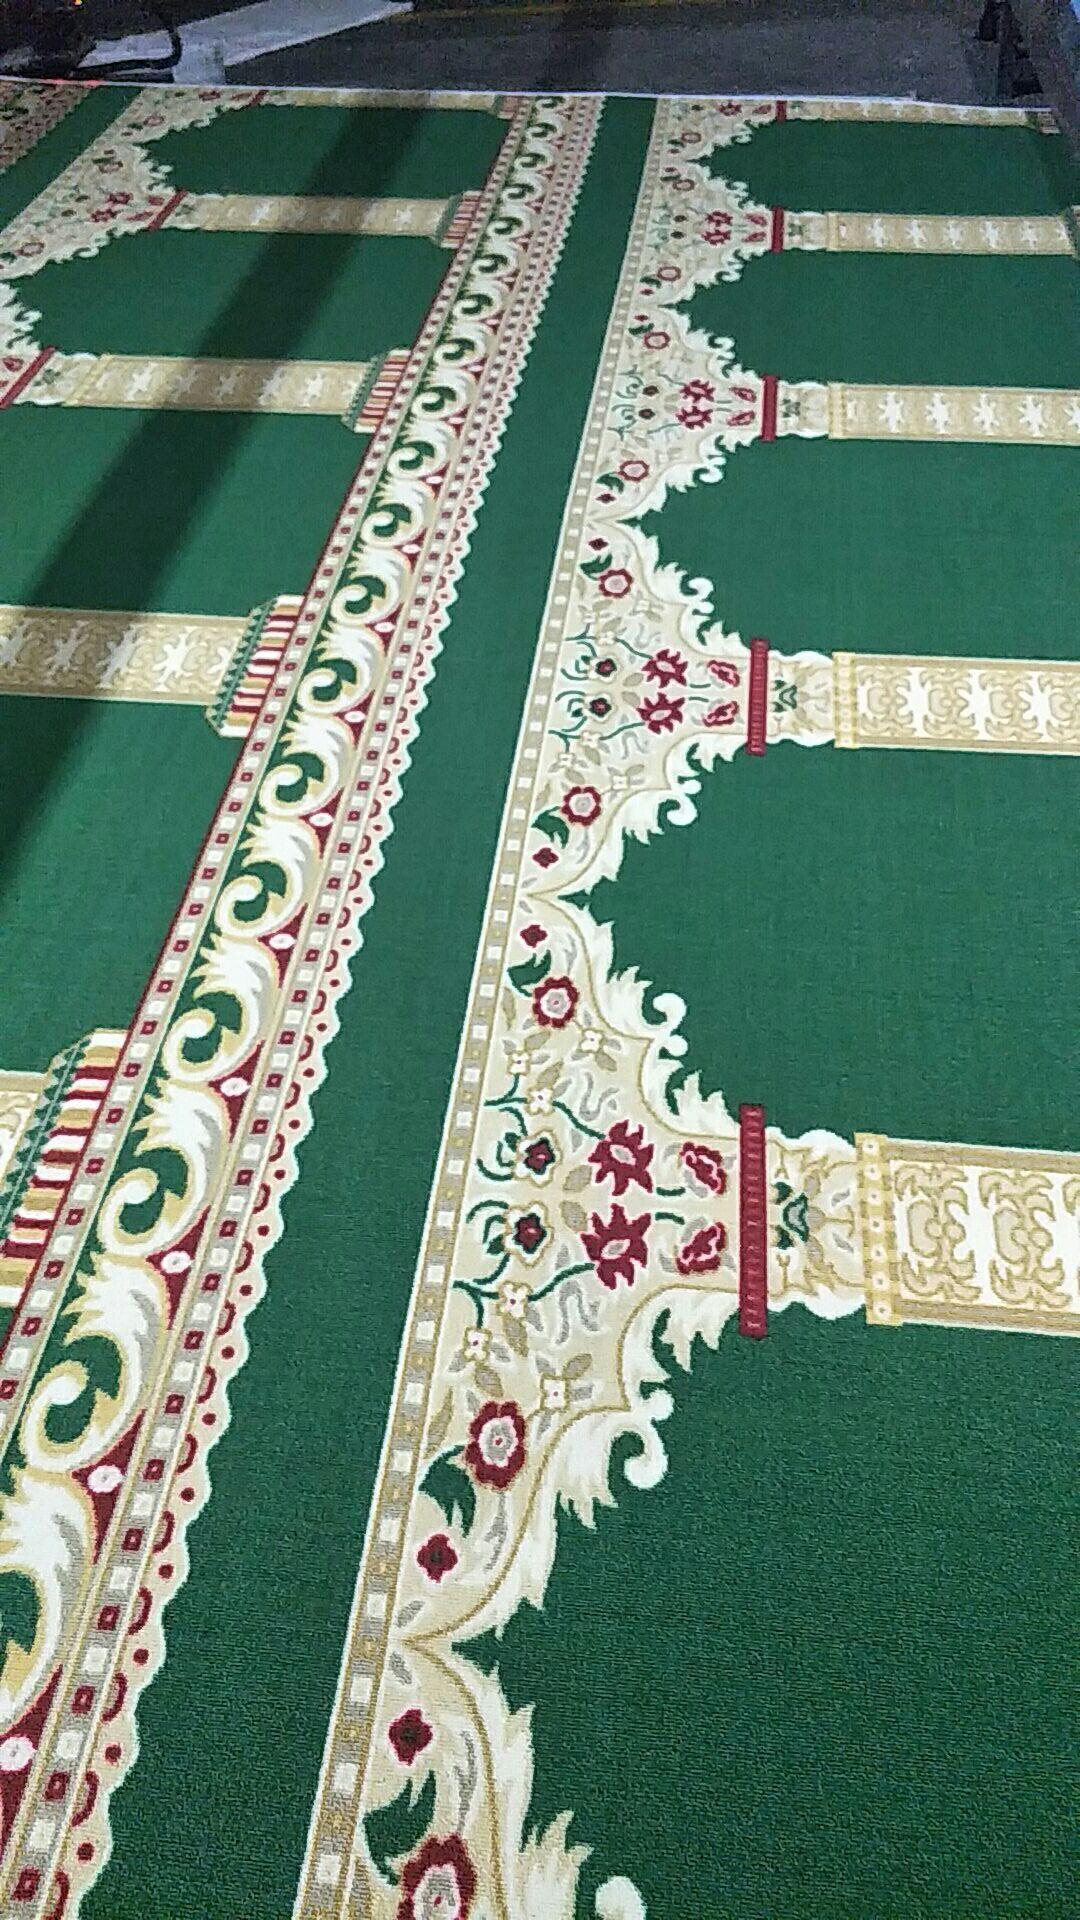 Machine Faite Rouge Tapis Imprimé Motif Pour Mosquée, Salle de Prière